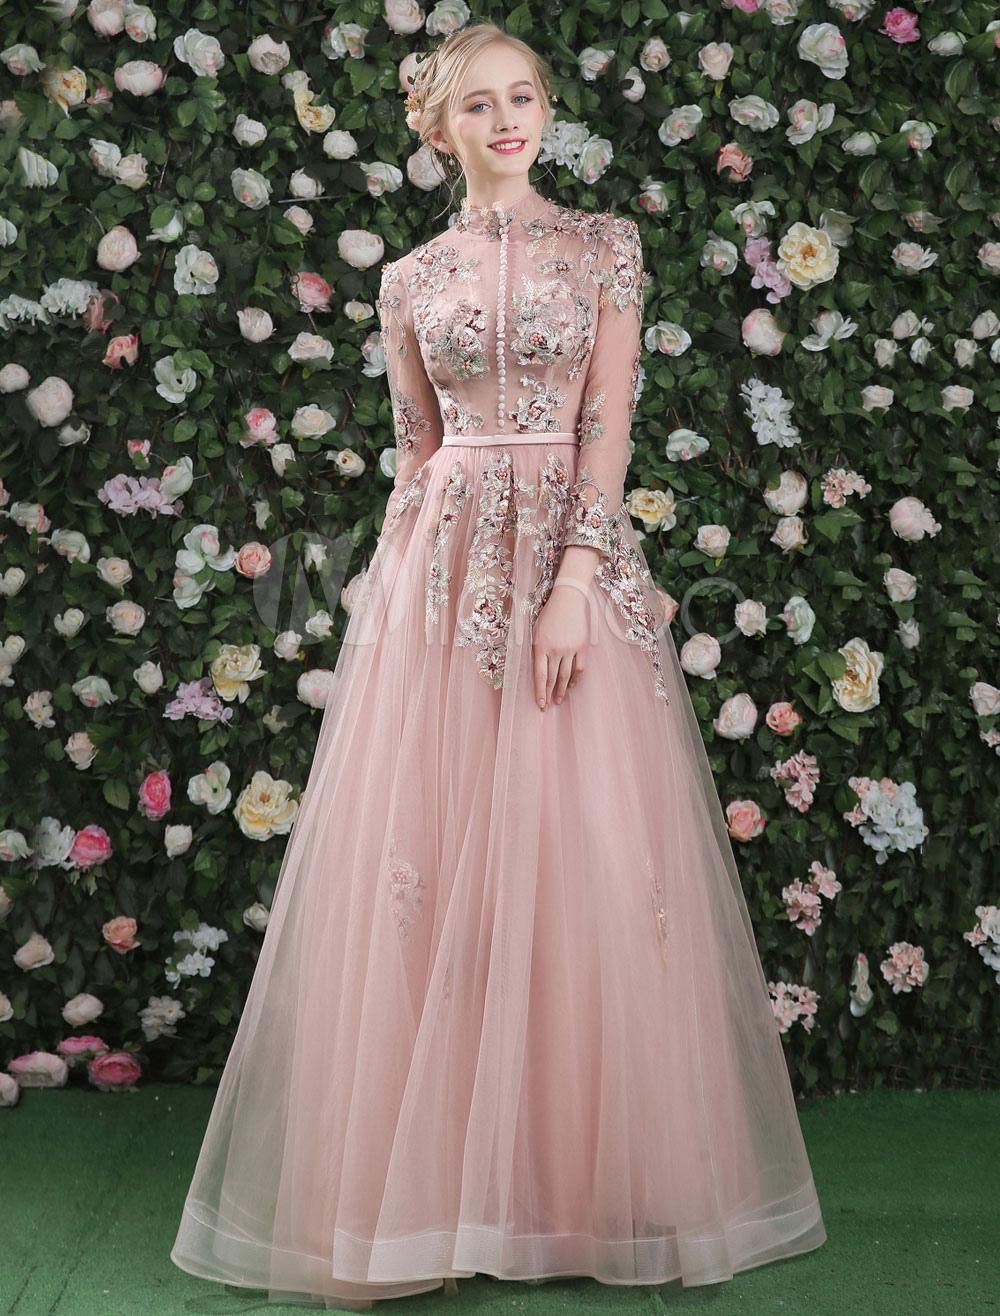 luxus prom kleider lace blumen gestickt blush rosa lange. Black Bedroom Furniture Sets. Home Design Ideas